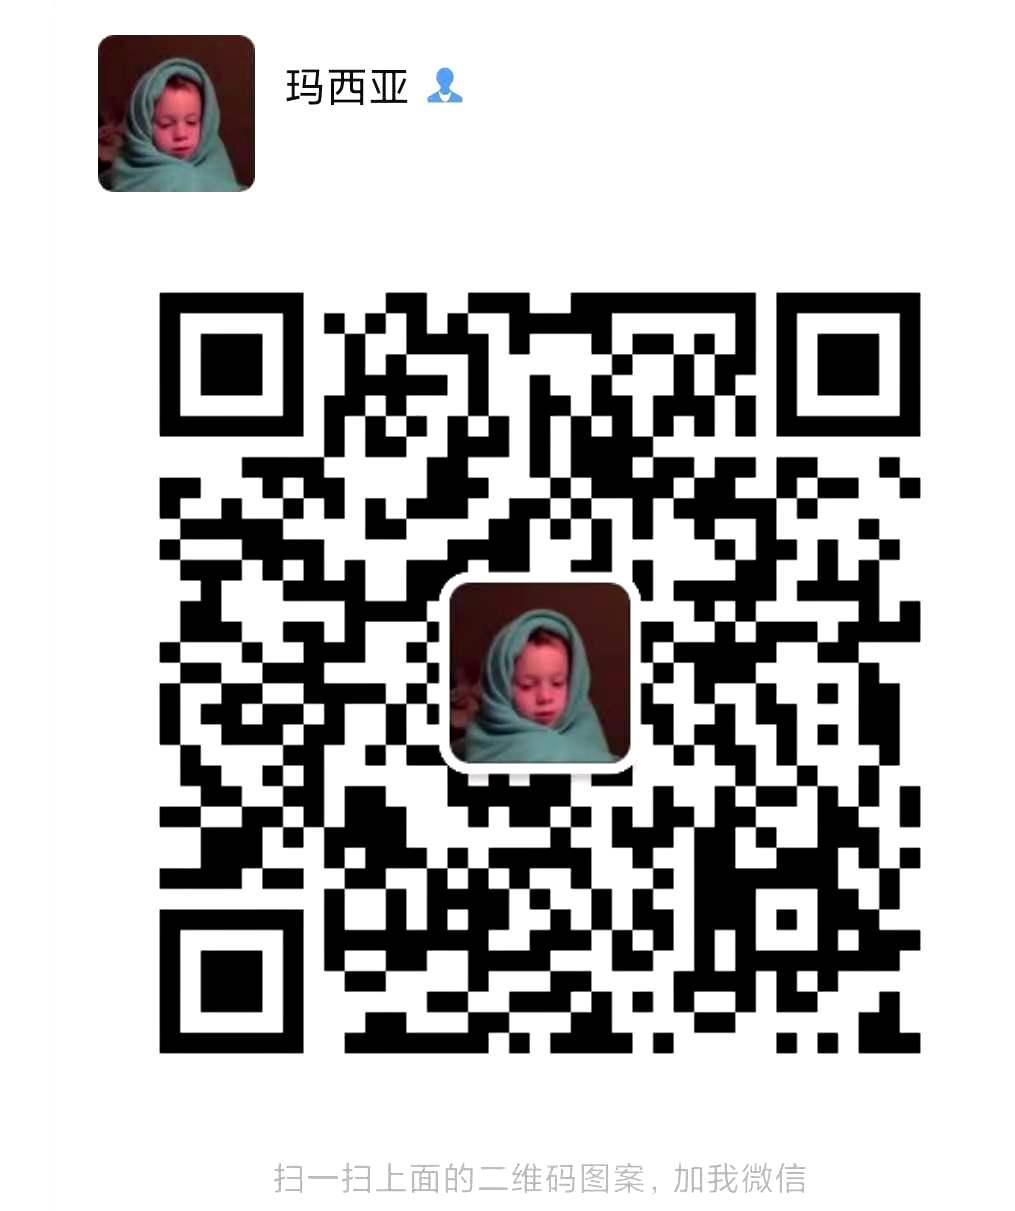 重庆市2021巫山县 流程和详细地址/ 材料员继续教育网上报